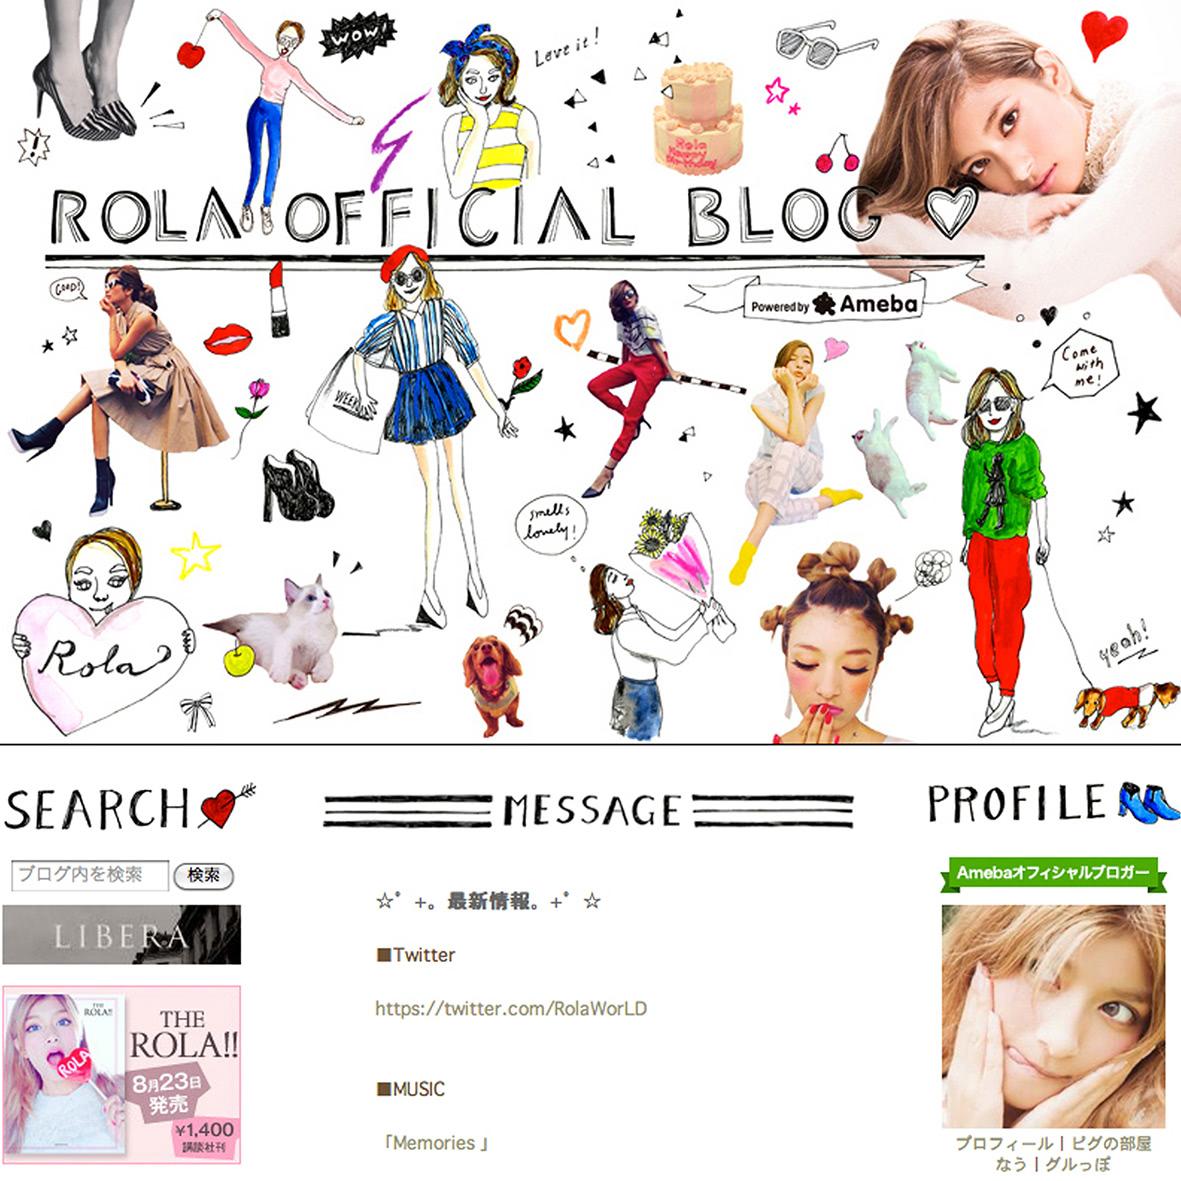 ROLA (Blog), 2013